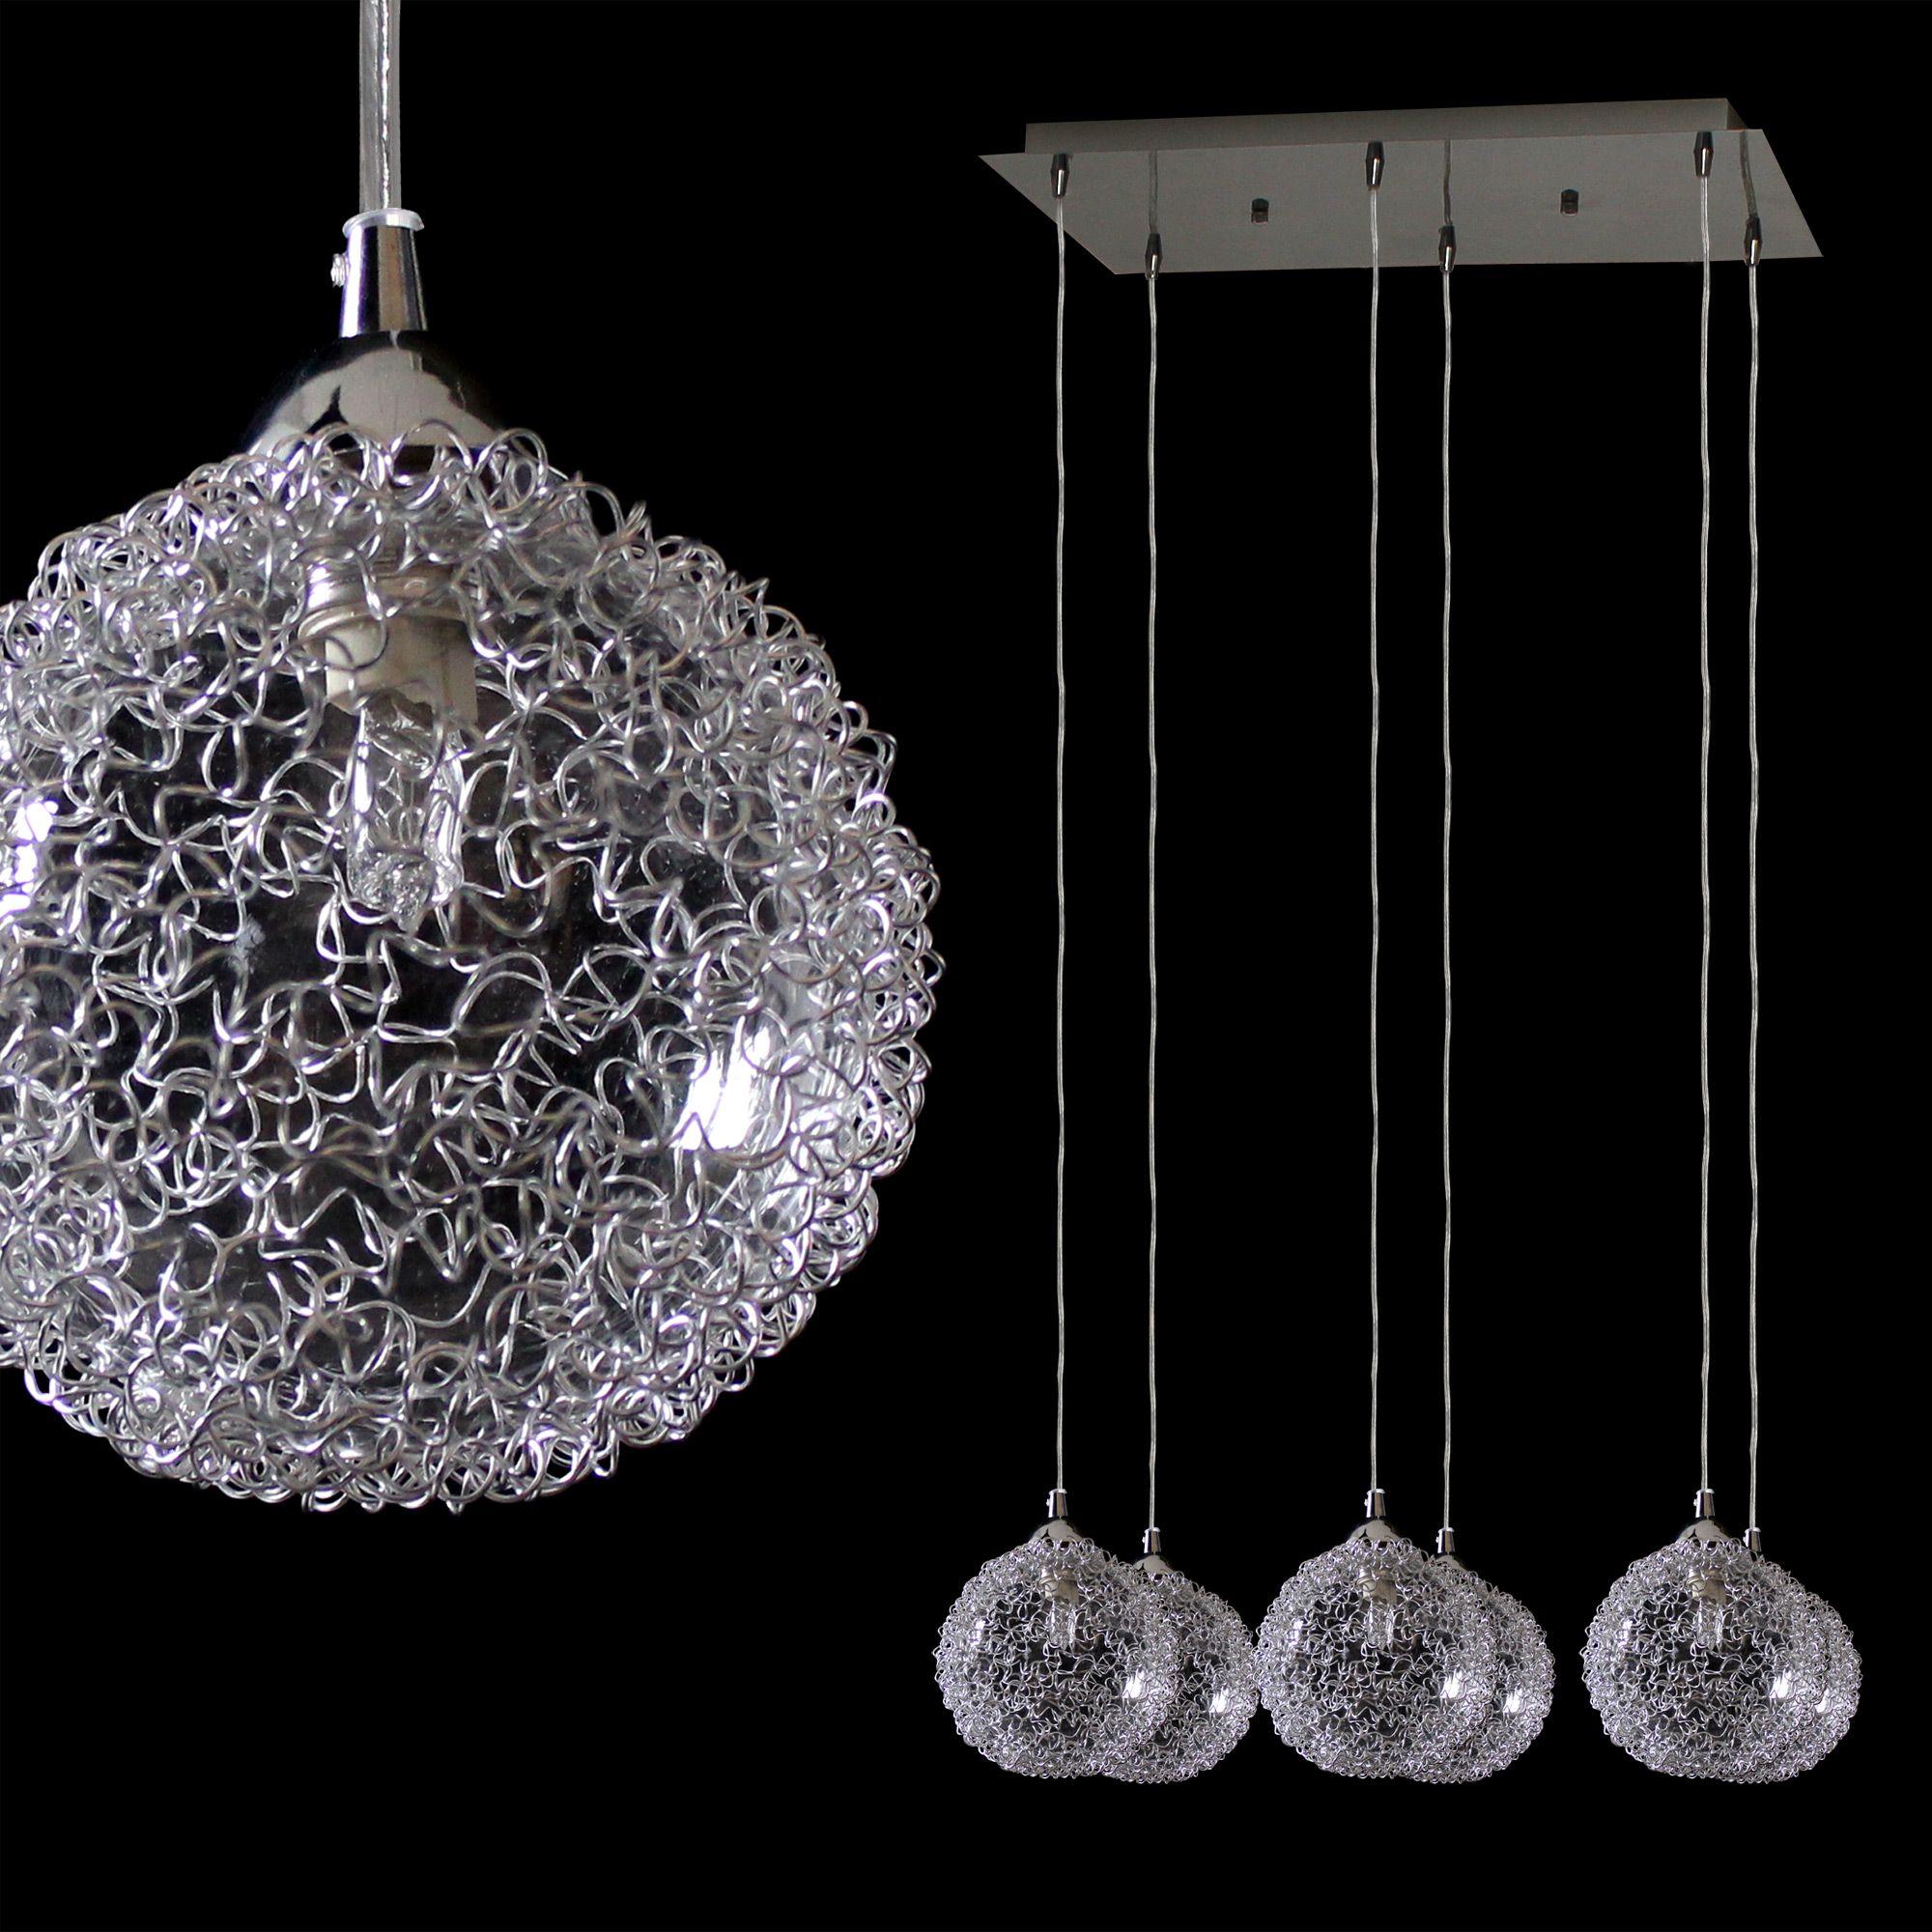 kristall deckenleuchte 38x38cm deckenlampe. Black Bedroom Furniture Sets. Home Design Ideas